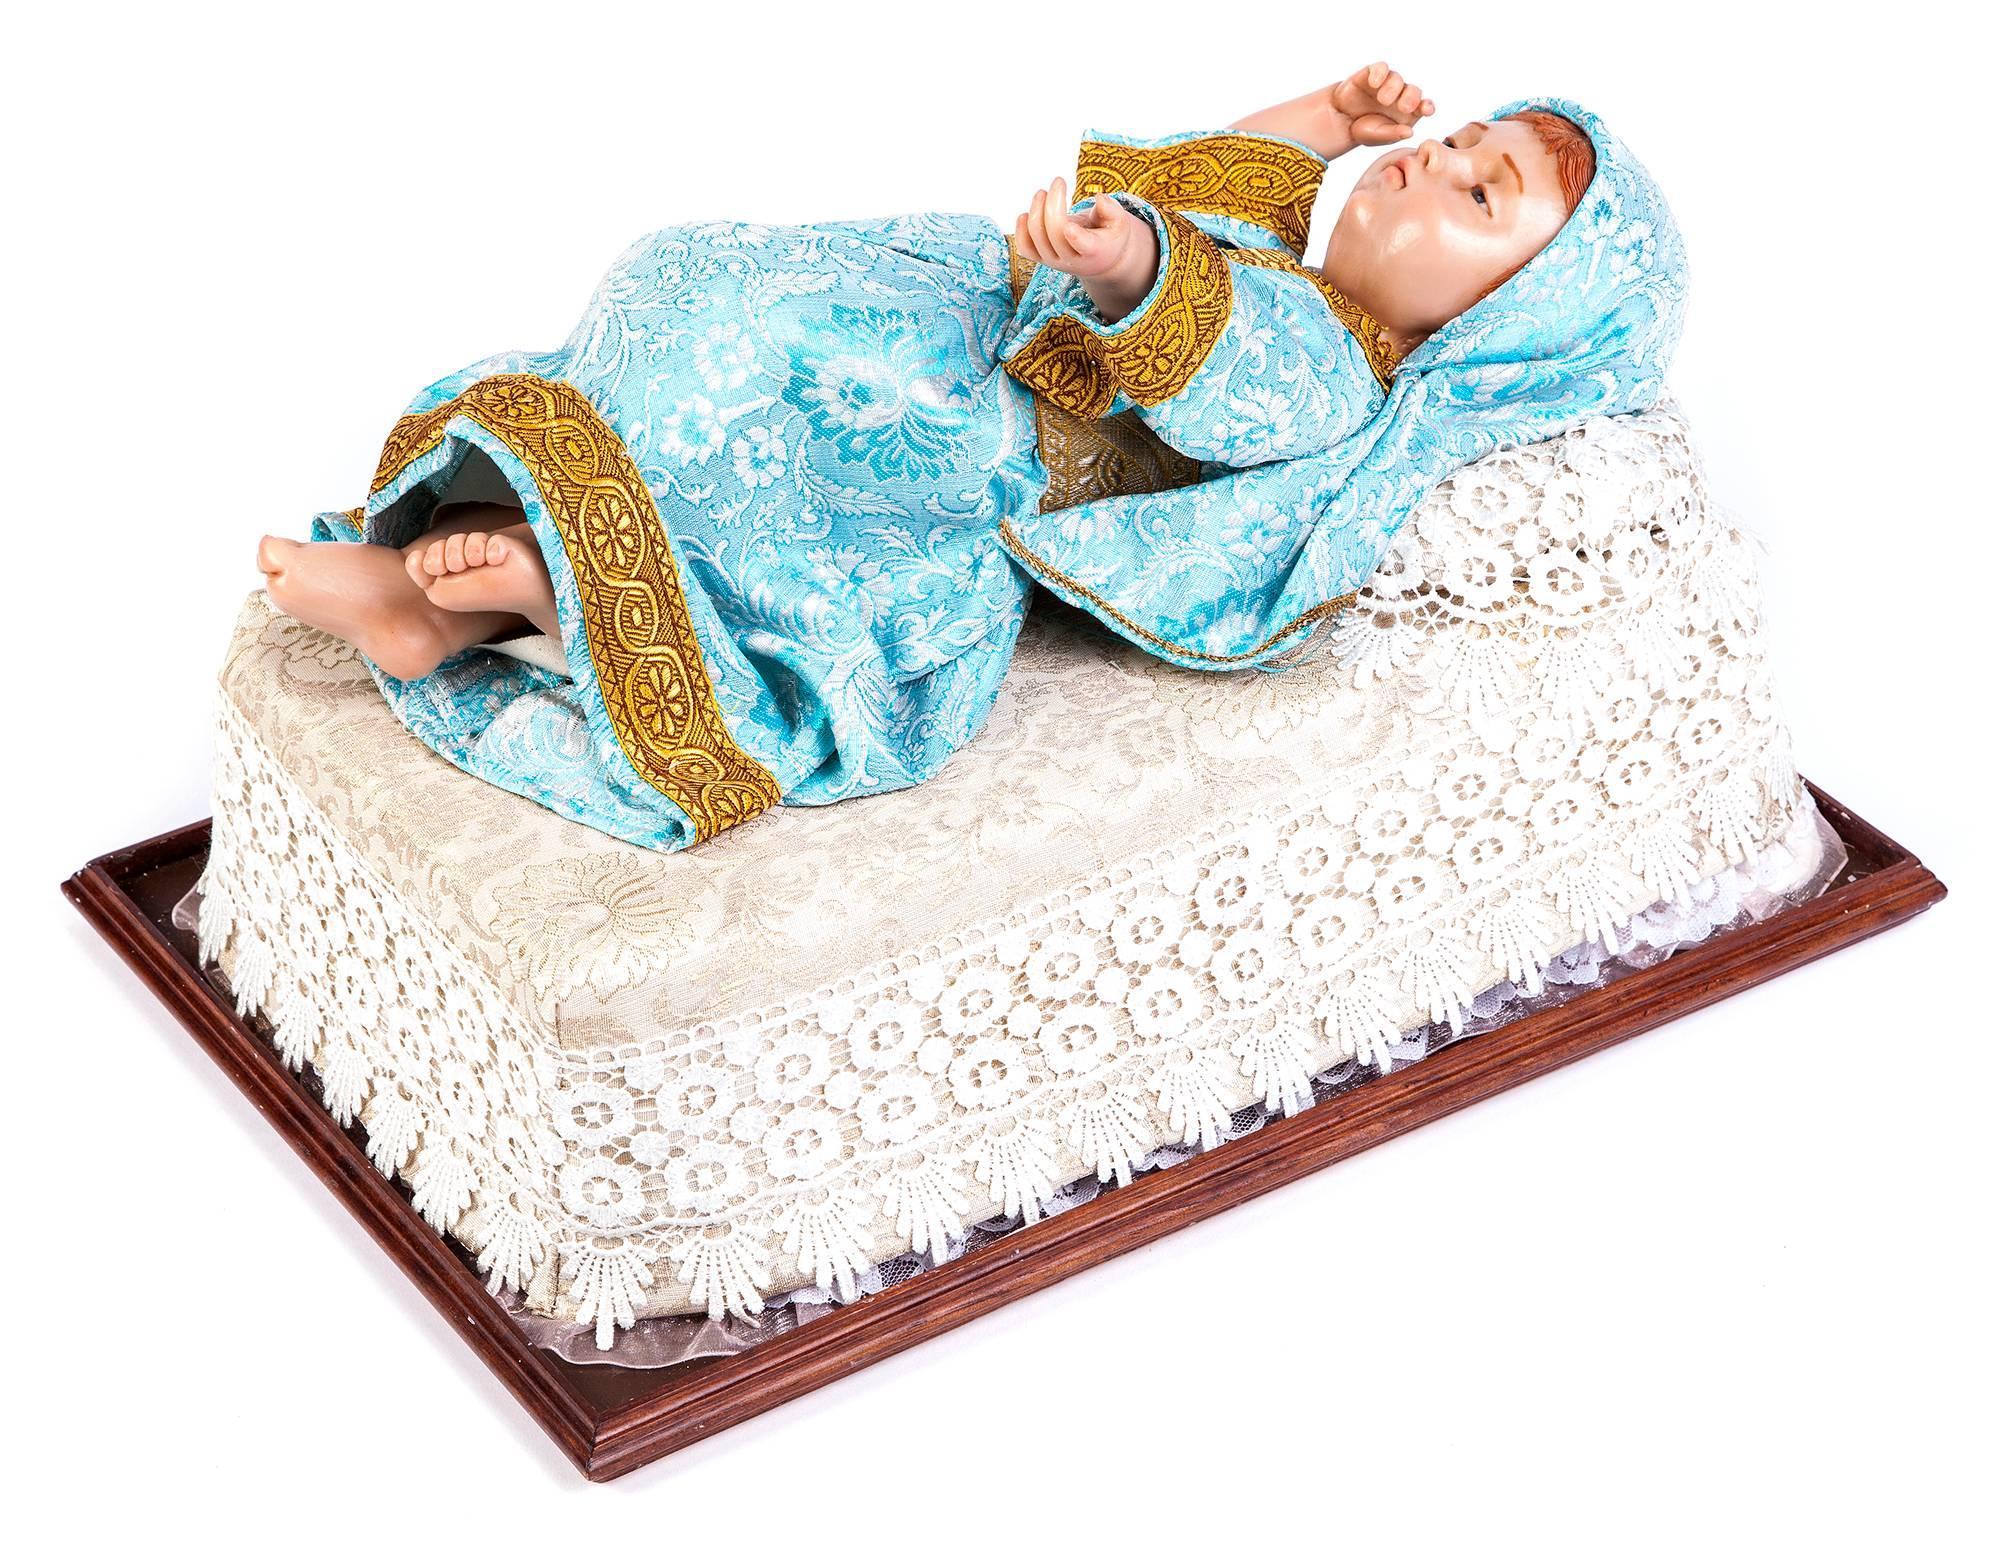 19'' Infantita / Wax Sculpture Mexican Folk Art